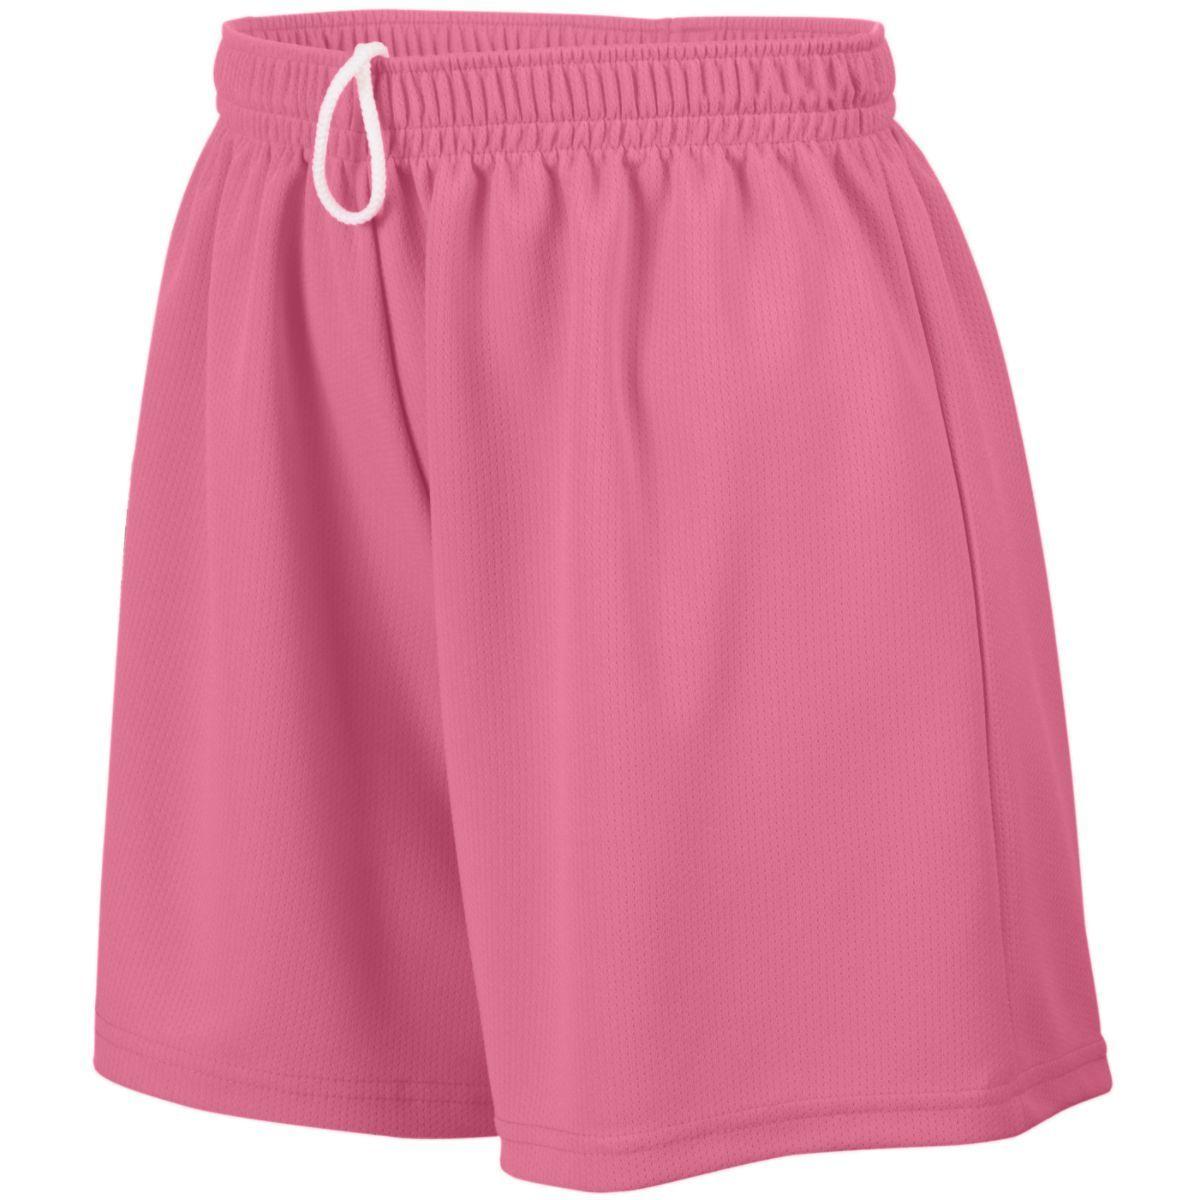 Ladies Wicking Mesh Shorts - PINK